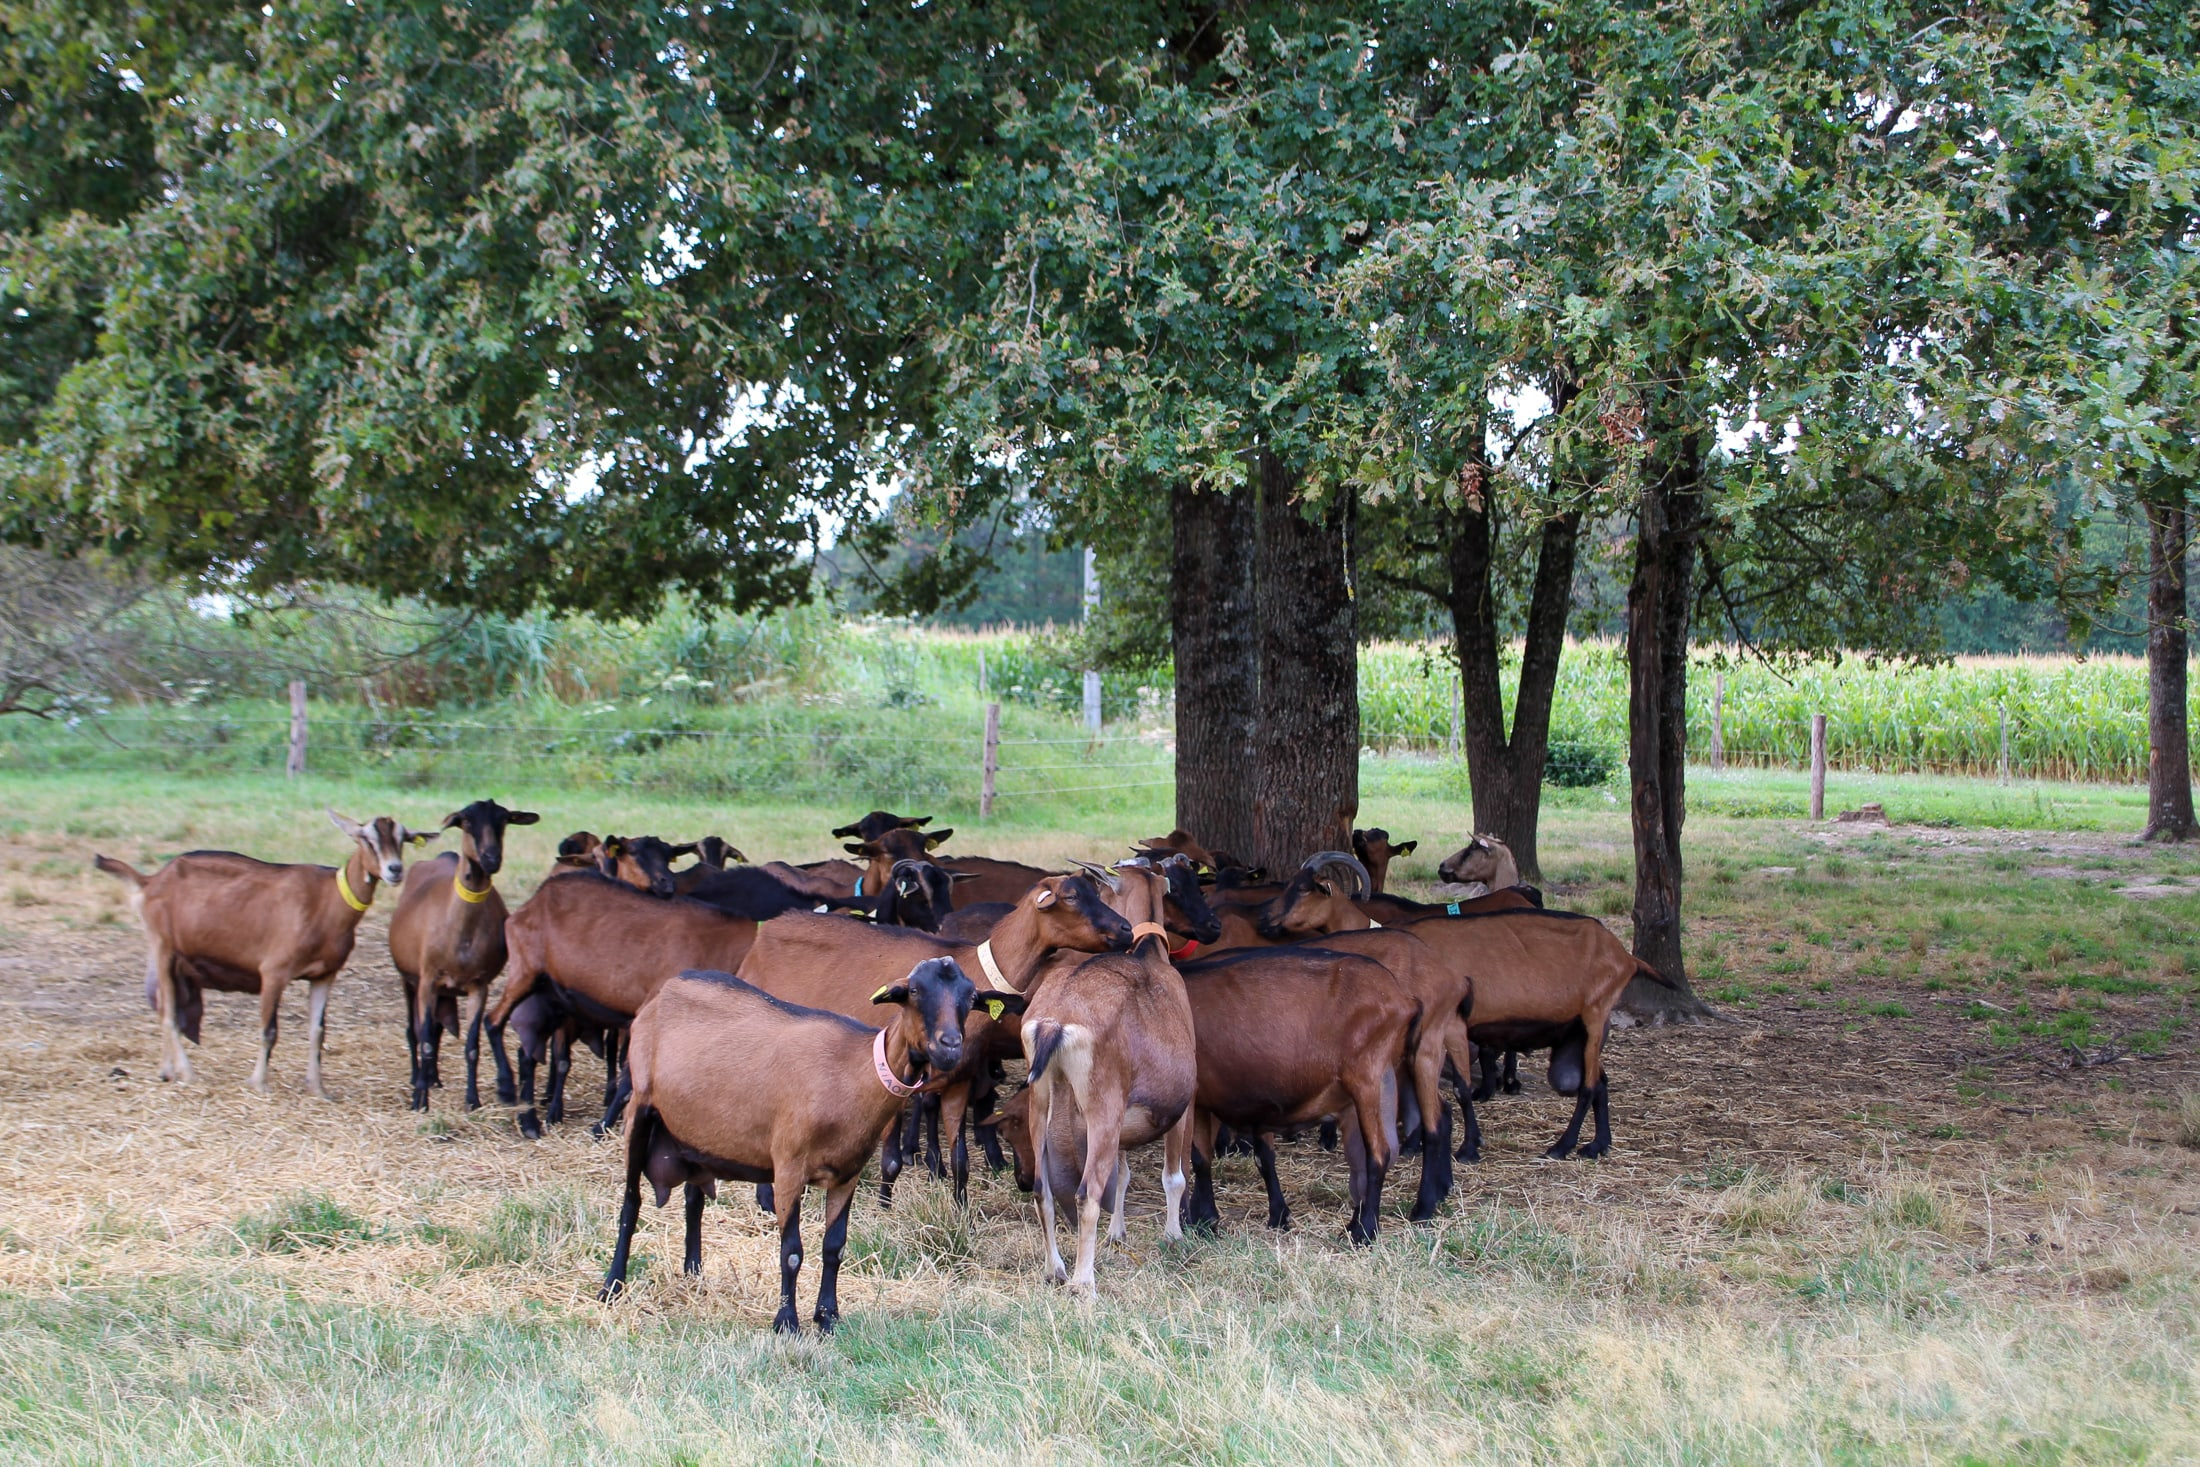 chèvres troupeau fromage prairie pré agriculture maison rouge touraine gastronomie produits locaux terroir producteur fromager eleveur